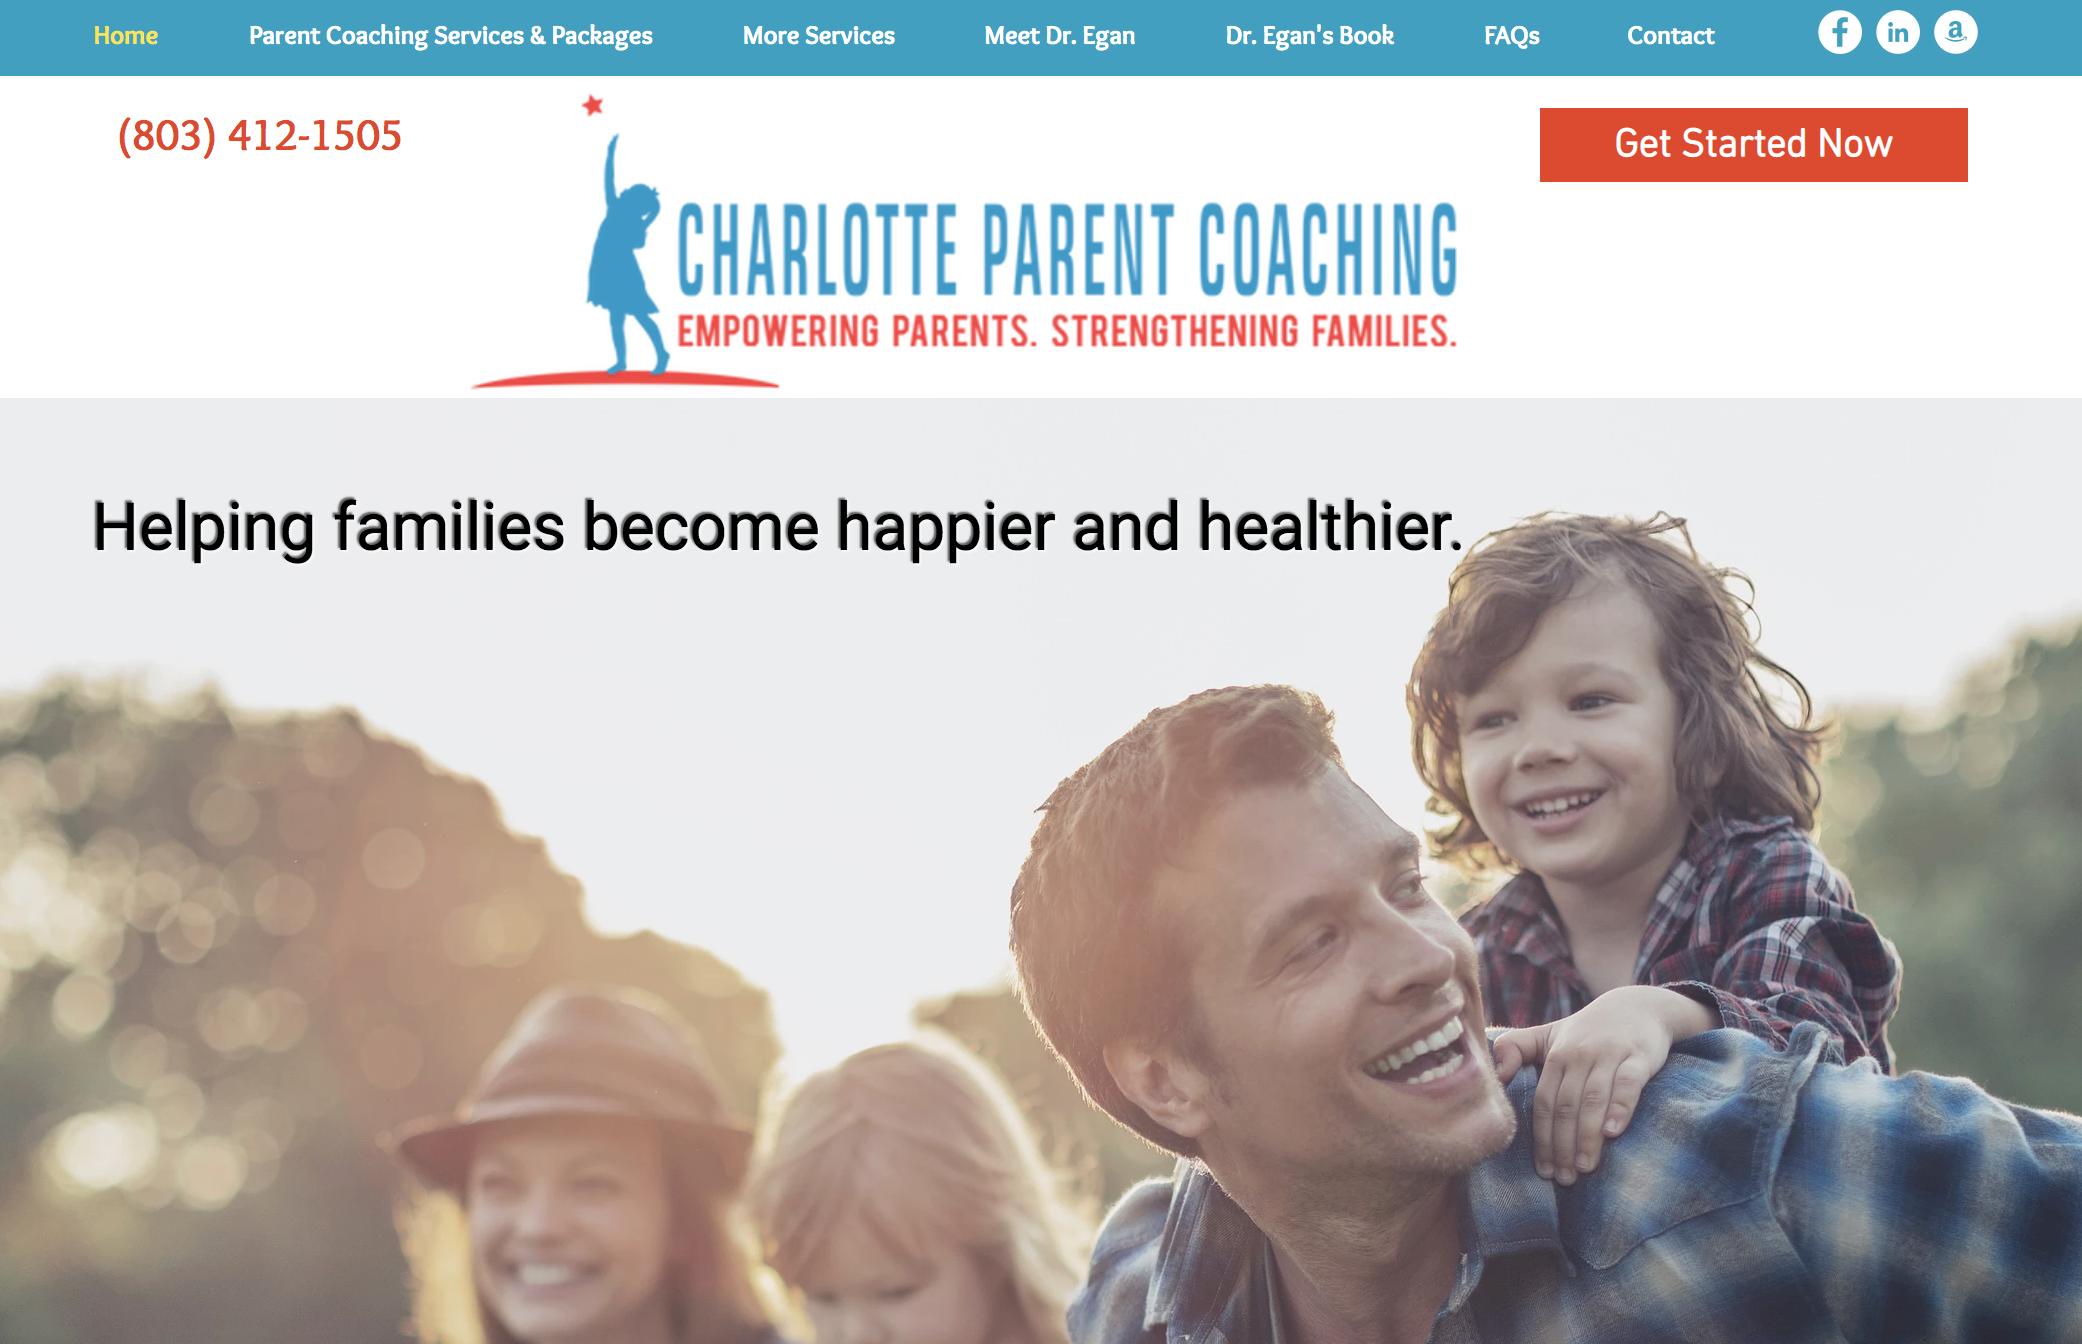 CharlotteParentCoaching.com